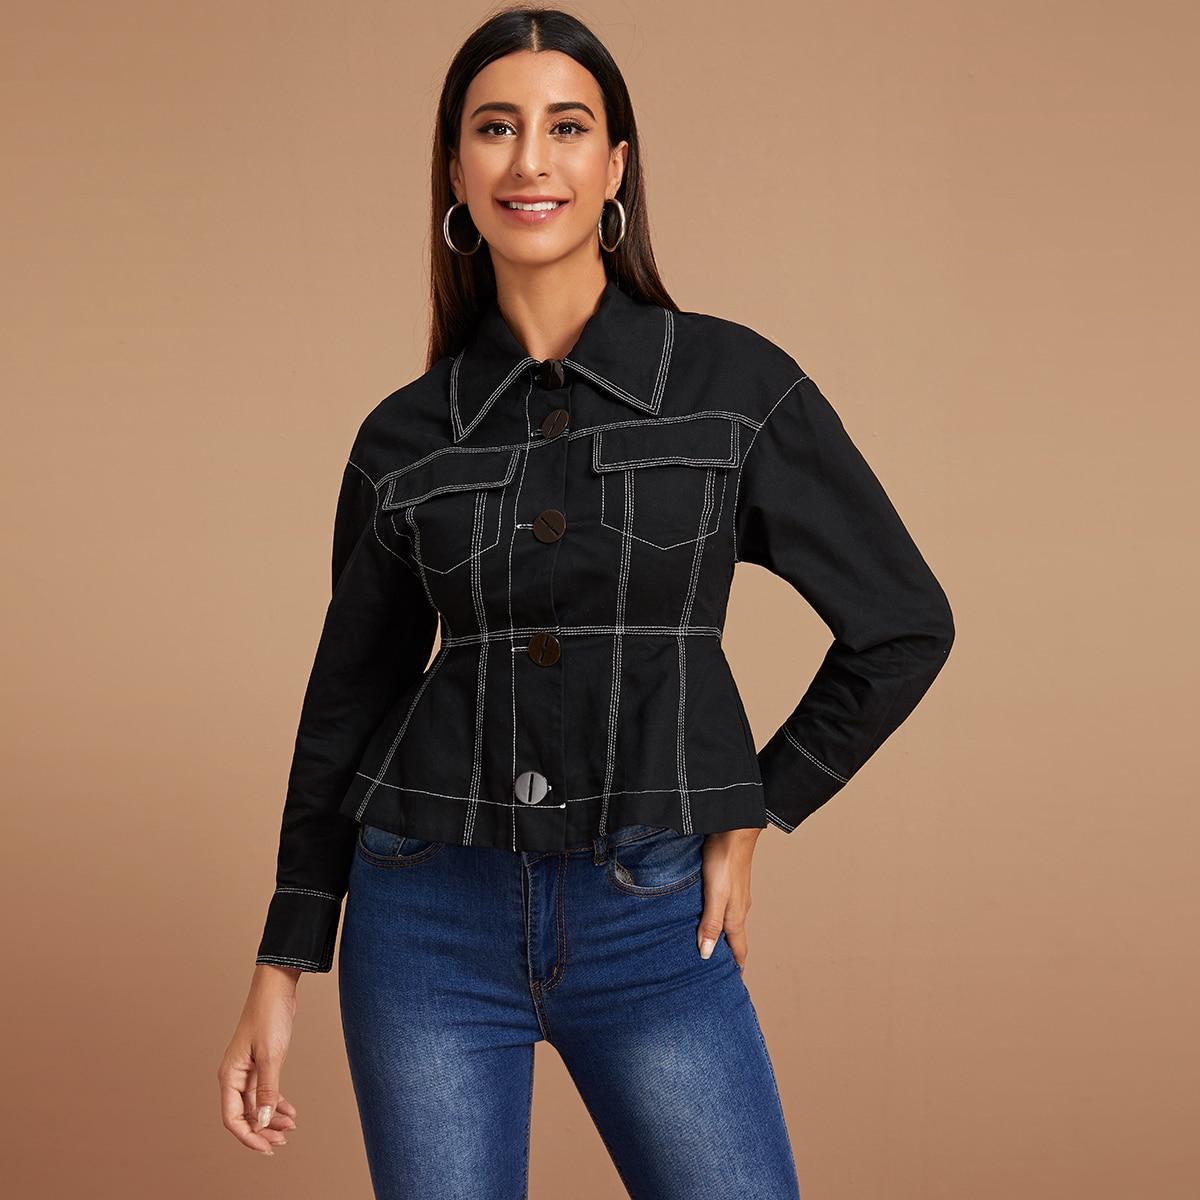 SHEIN / Schwarz Knöpfen vorn Einfarbig Lässig Jacken